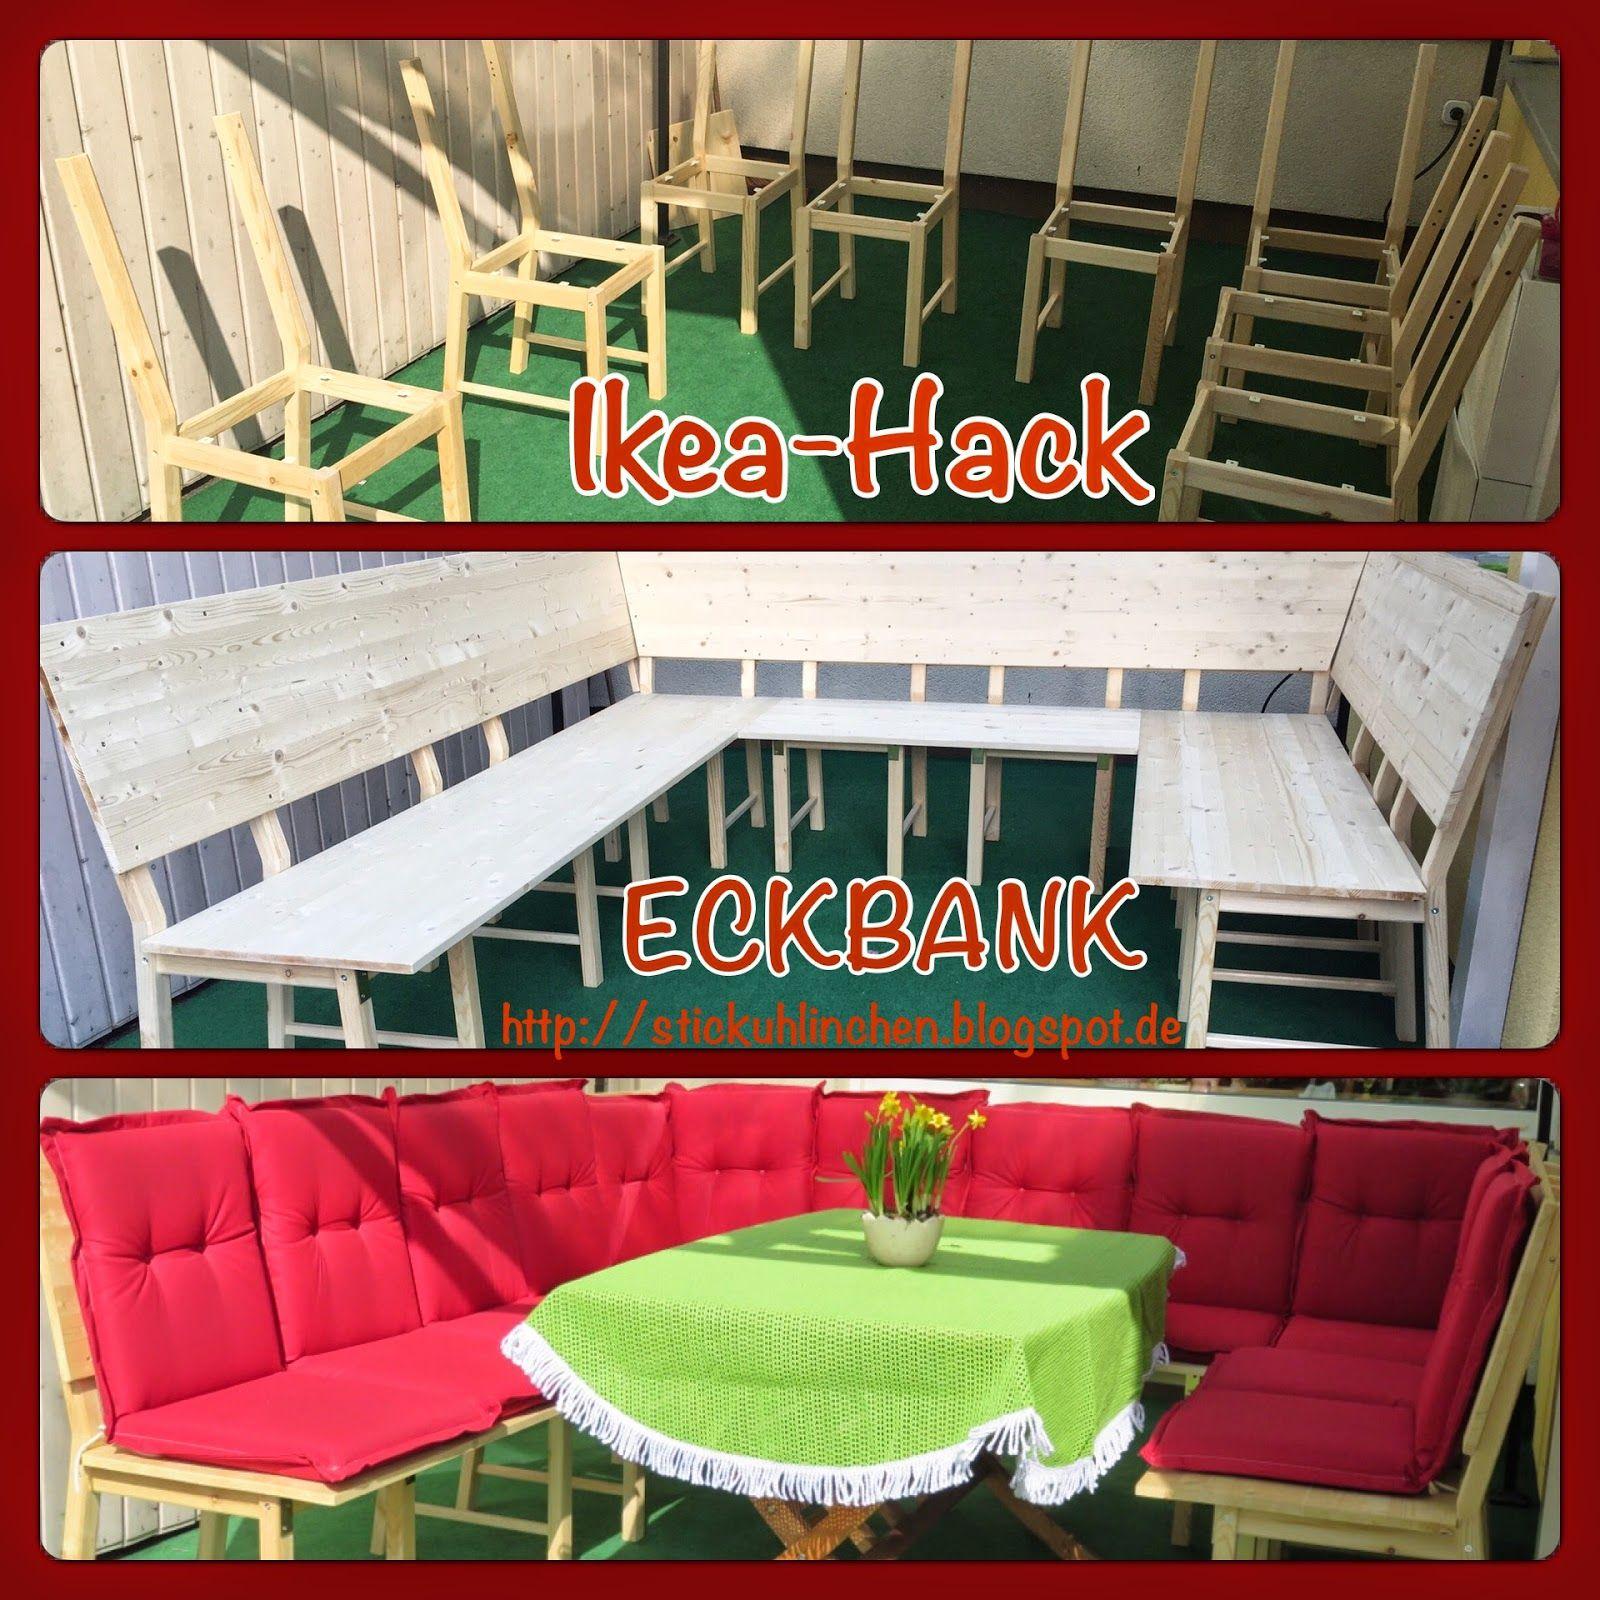 Full Size of Eckbank Selber Bauen Ikea Selbst Hack Diy Aus 8 Sthlen Wird Eine Groe Bzw Lounge Bett 140x200 Küche Zusammenstellen Fenster Einbauen Neue Kopfteil Kaufen Wohnzimmer Eckbank Selber Bauen Ikea